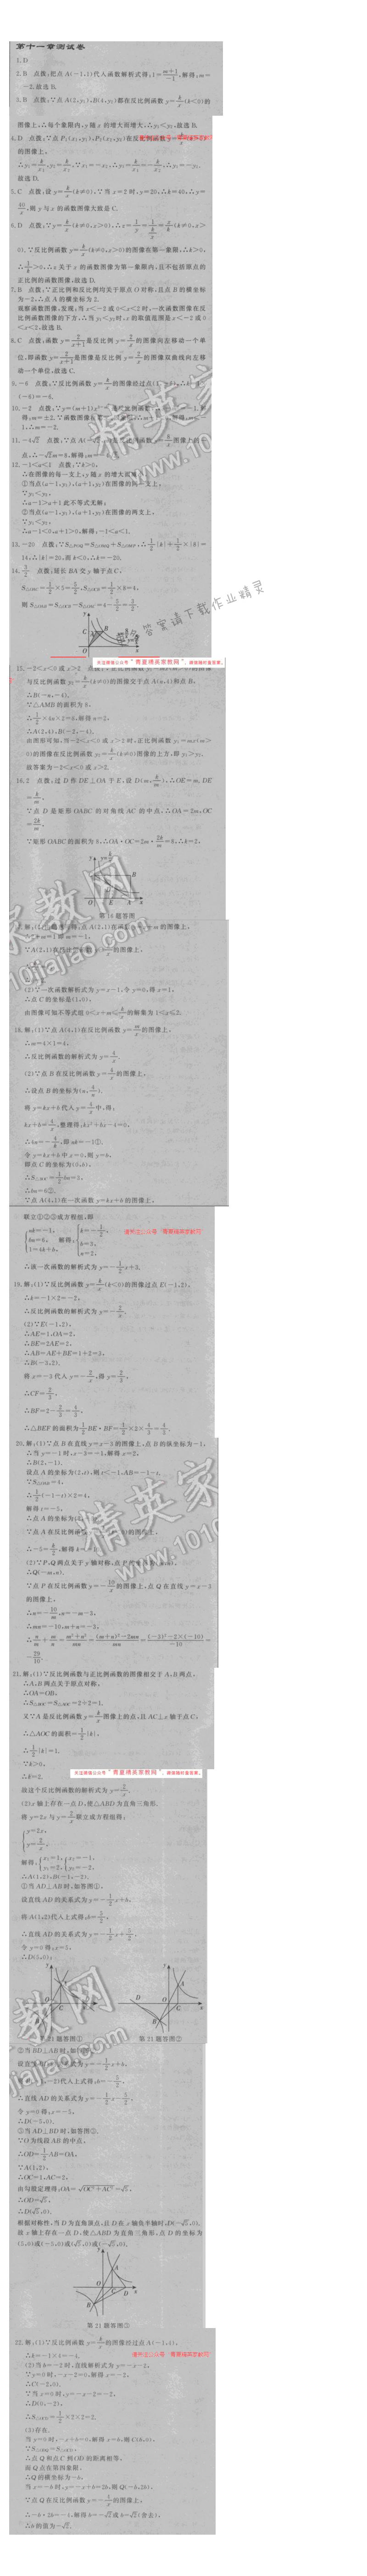 2016年启东中学作业本八年级数学下册江苏版 第十一章测试卷